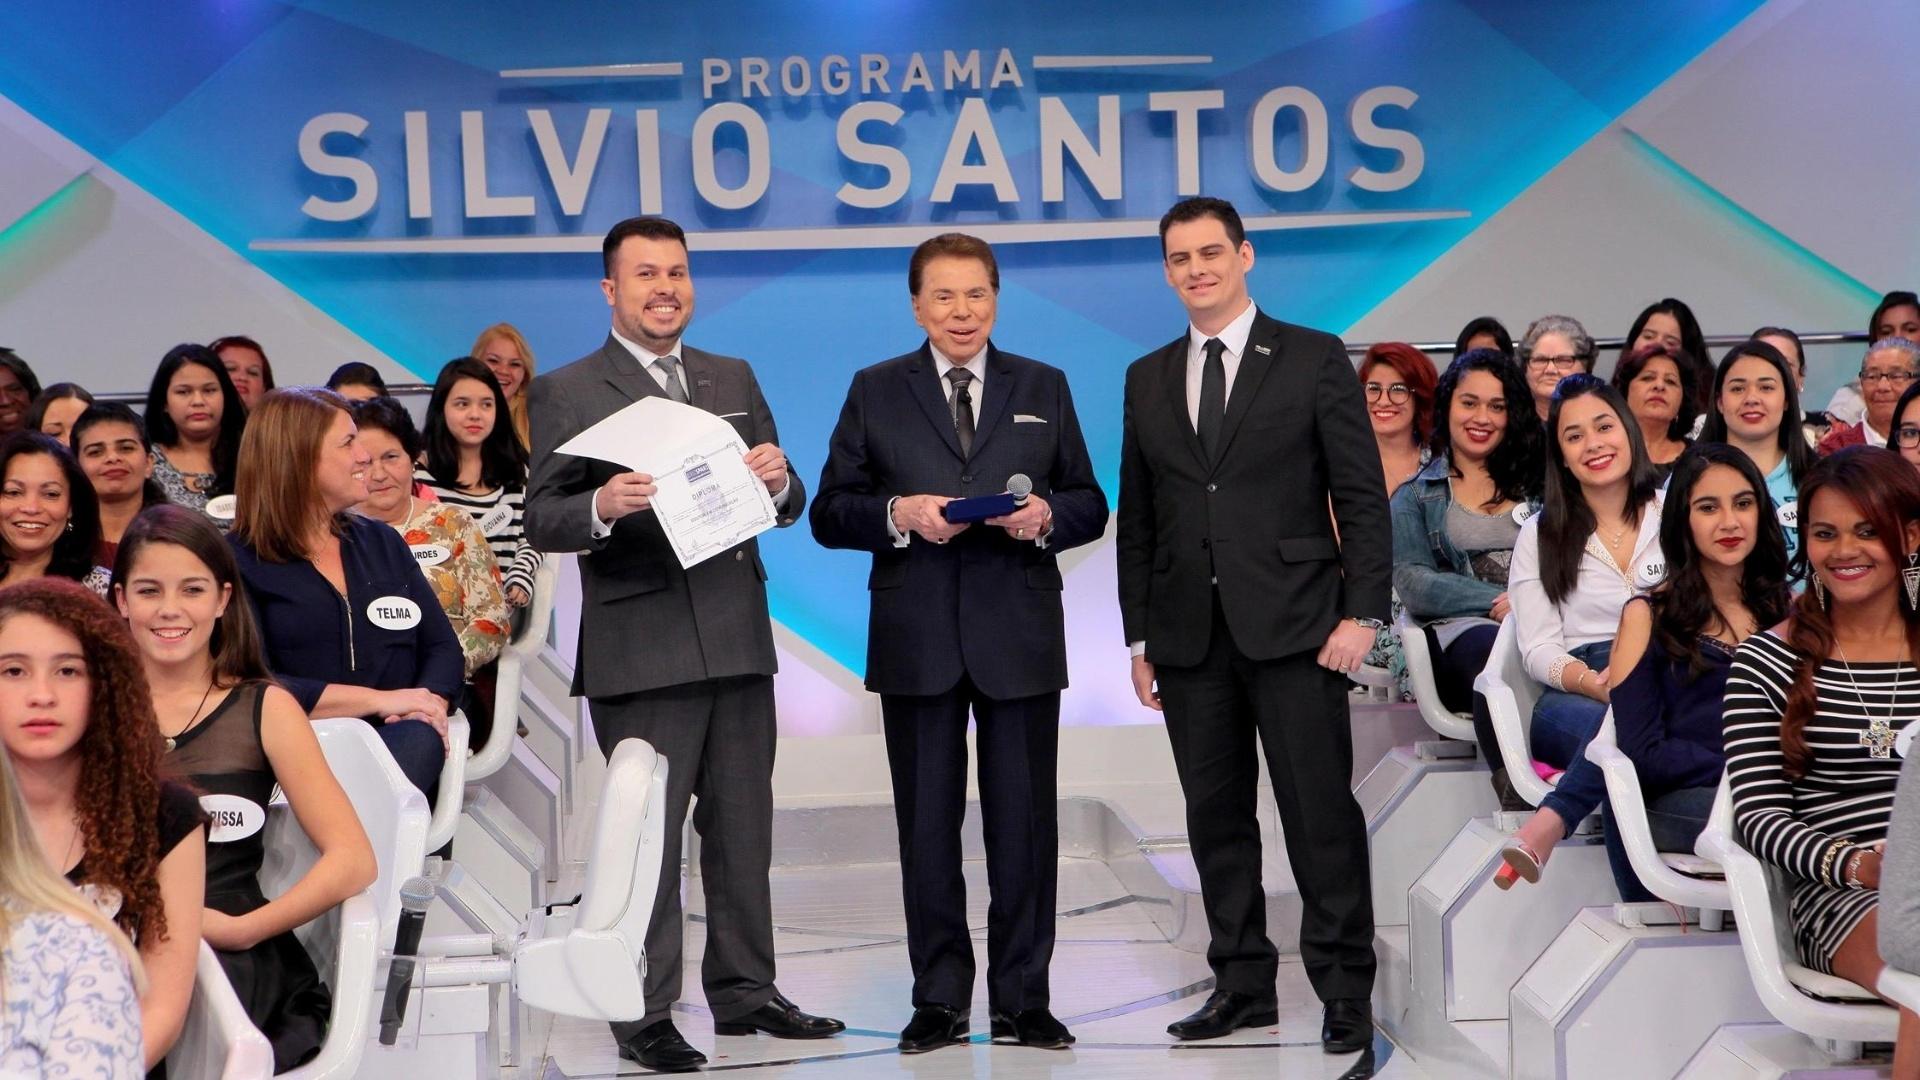 Silvio Santos recebe em seu programa no SBT o título de doutor em Comunicação